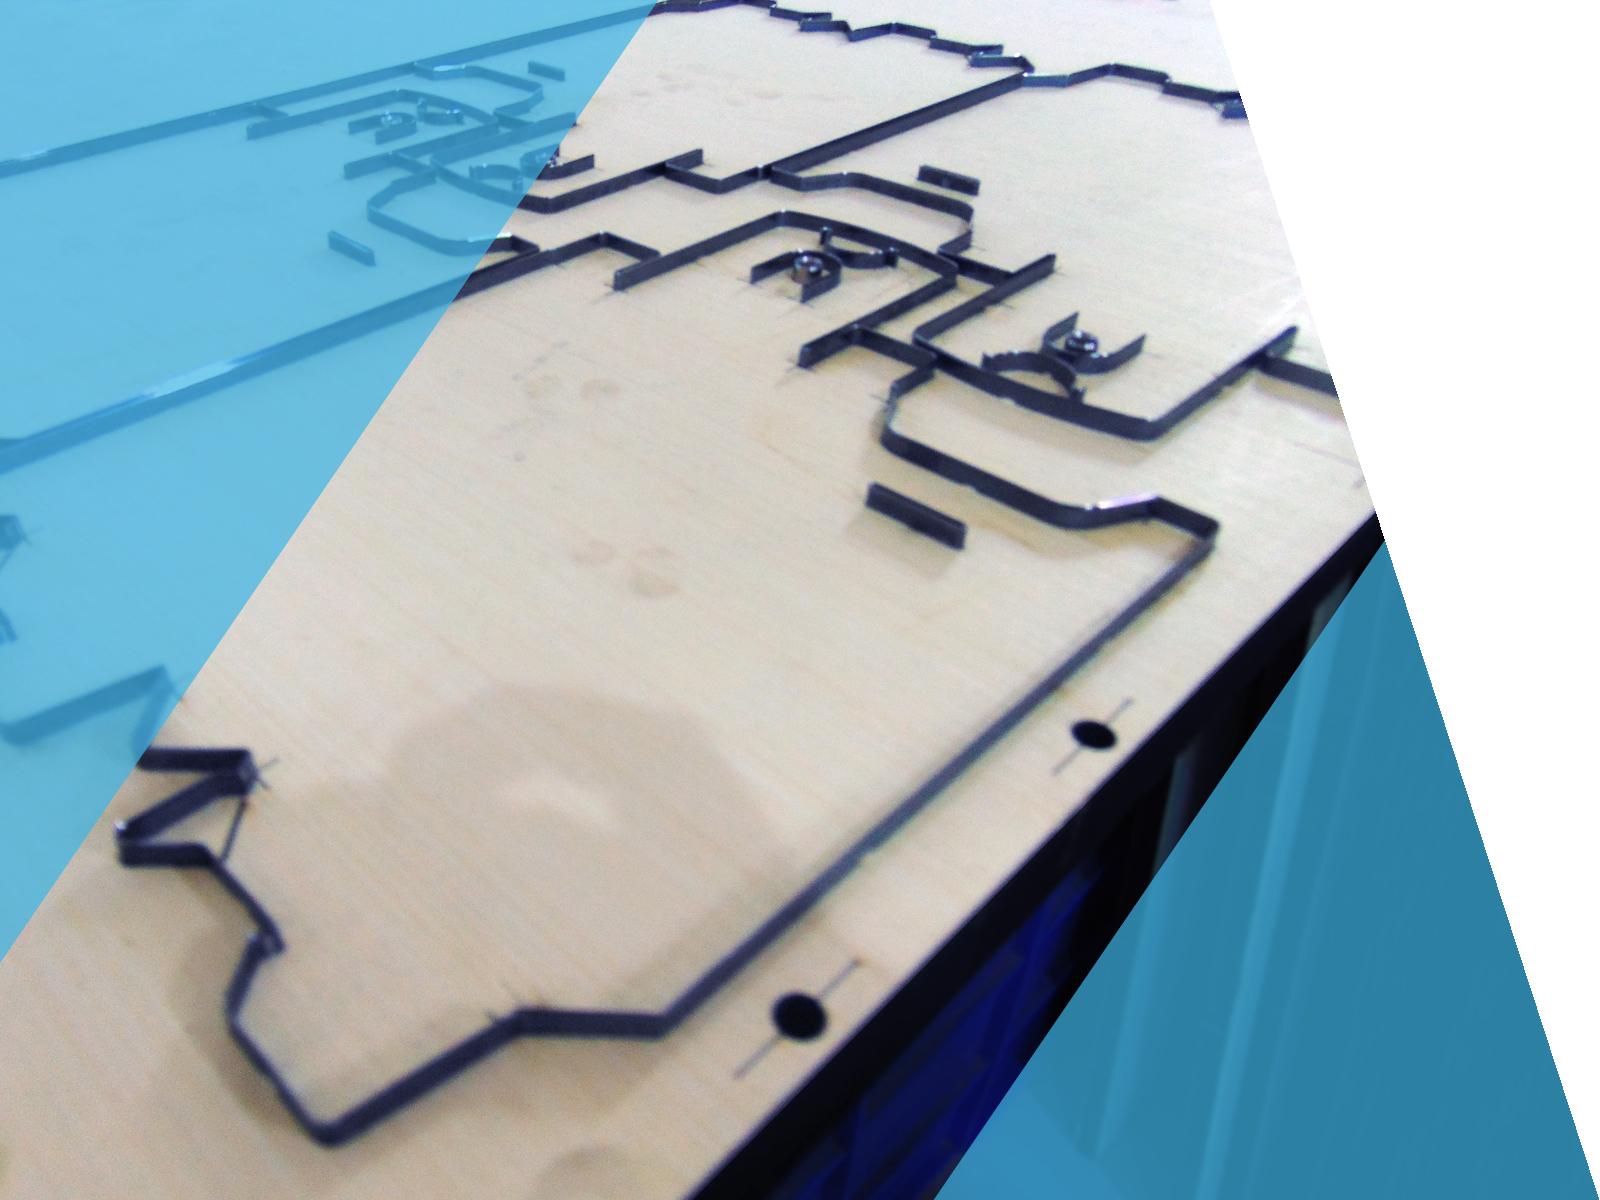 délai des prototypes HLP Klearfold